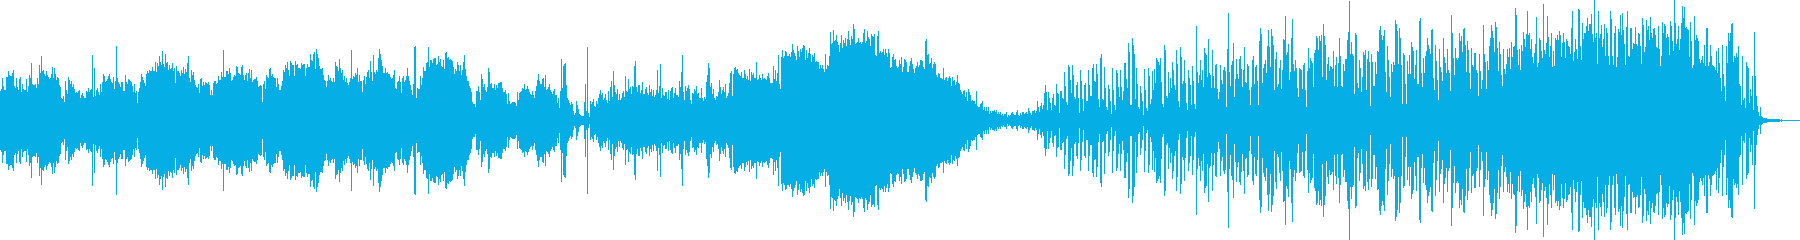 宇宙を彷徨うイメージの曲の再生済みの波形